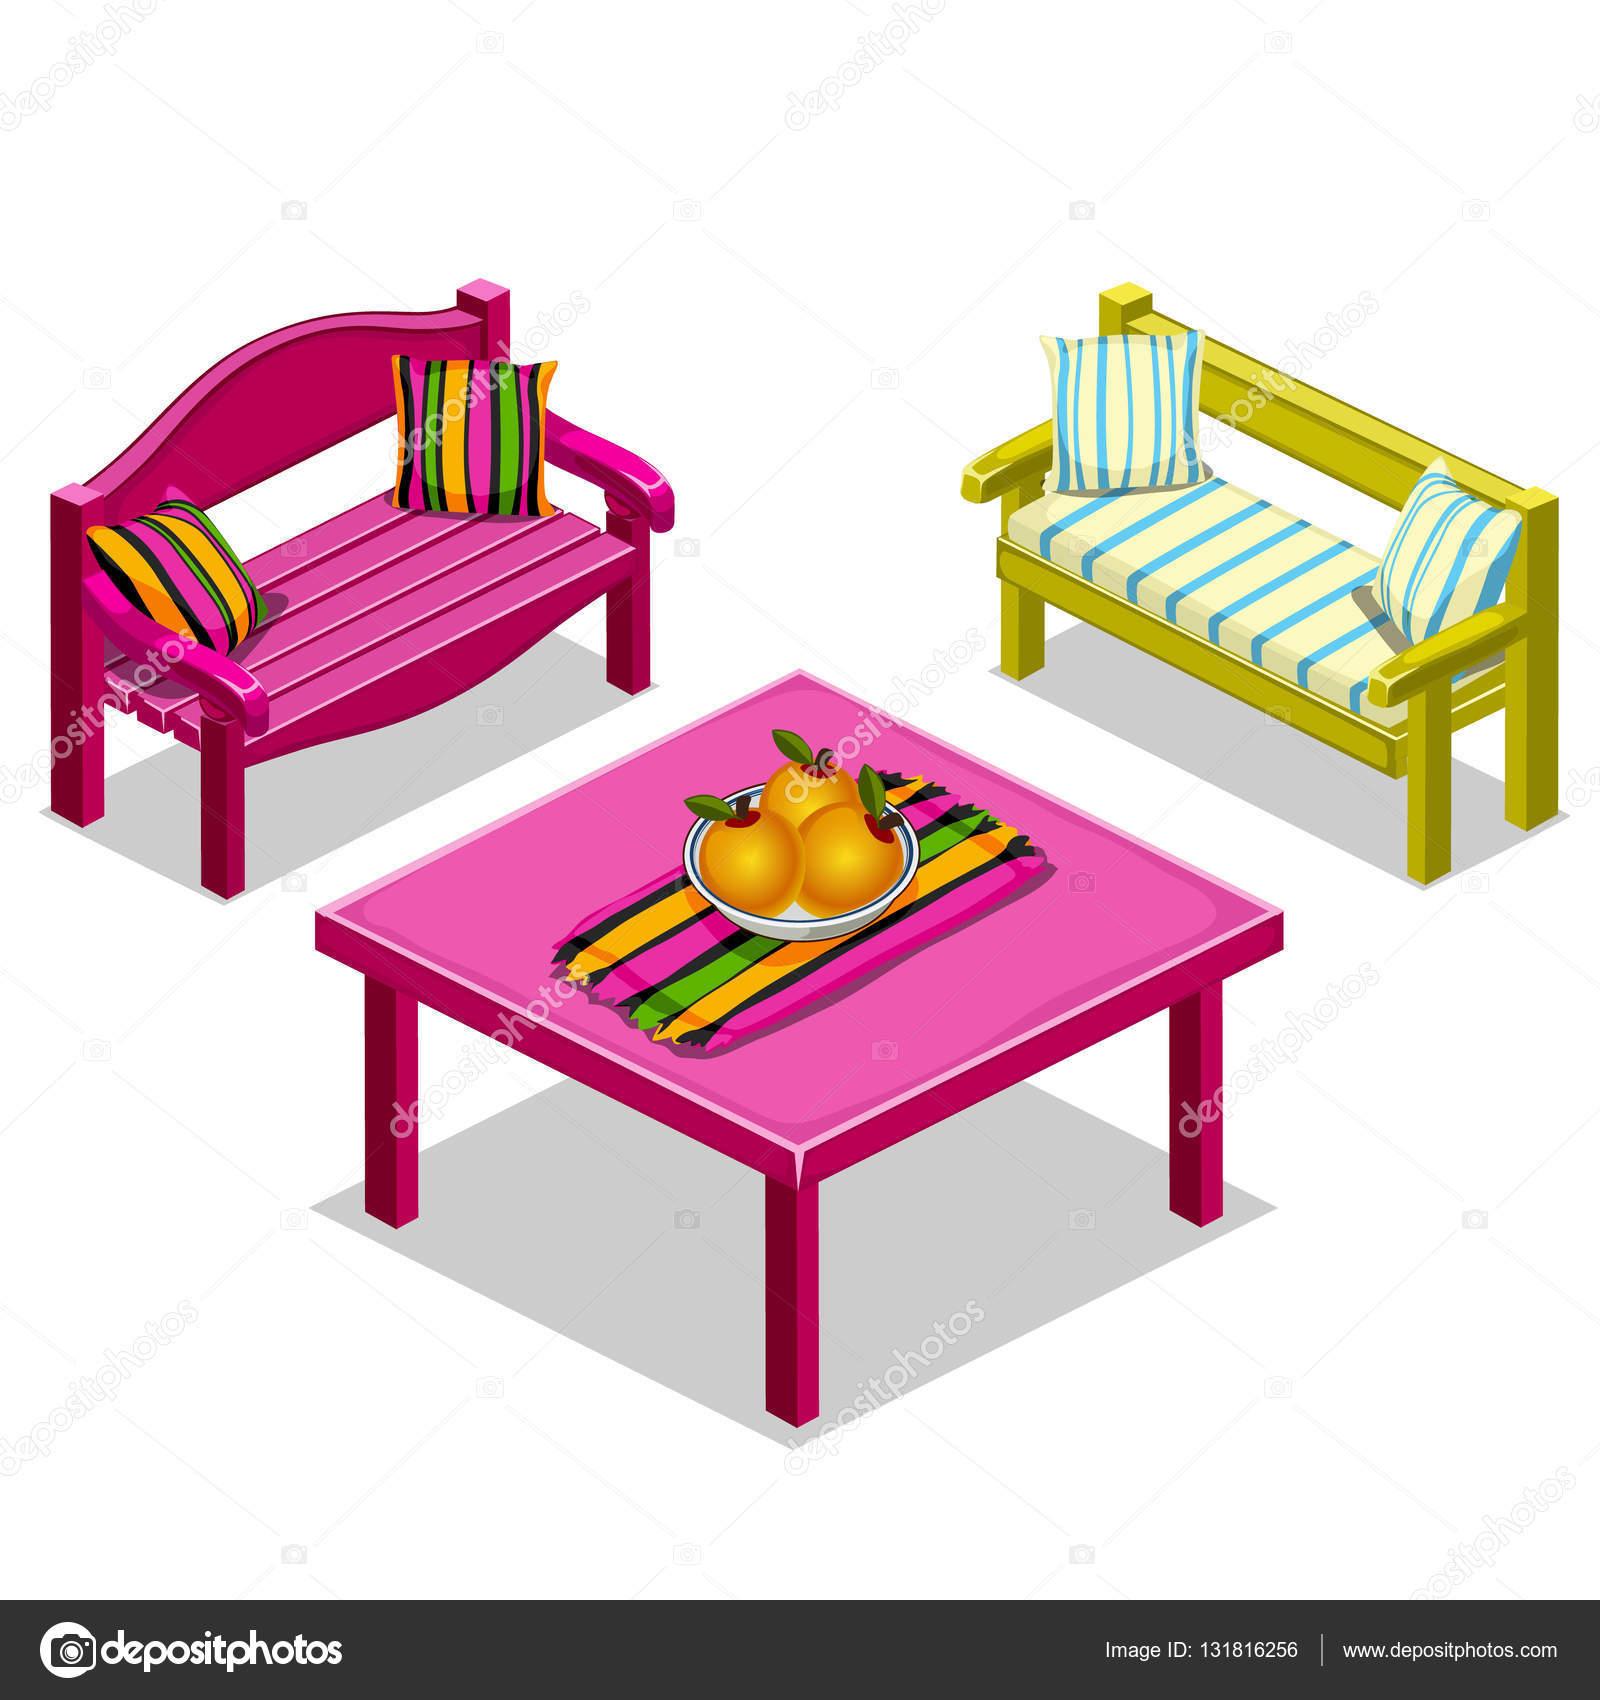 Wunderbar Moderne Möbel Für Wohnzimmer, Bänke Und Tisch U2014 Stockvektor